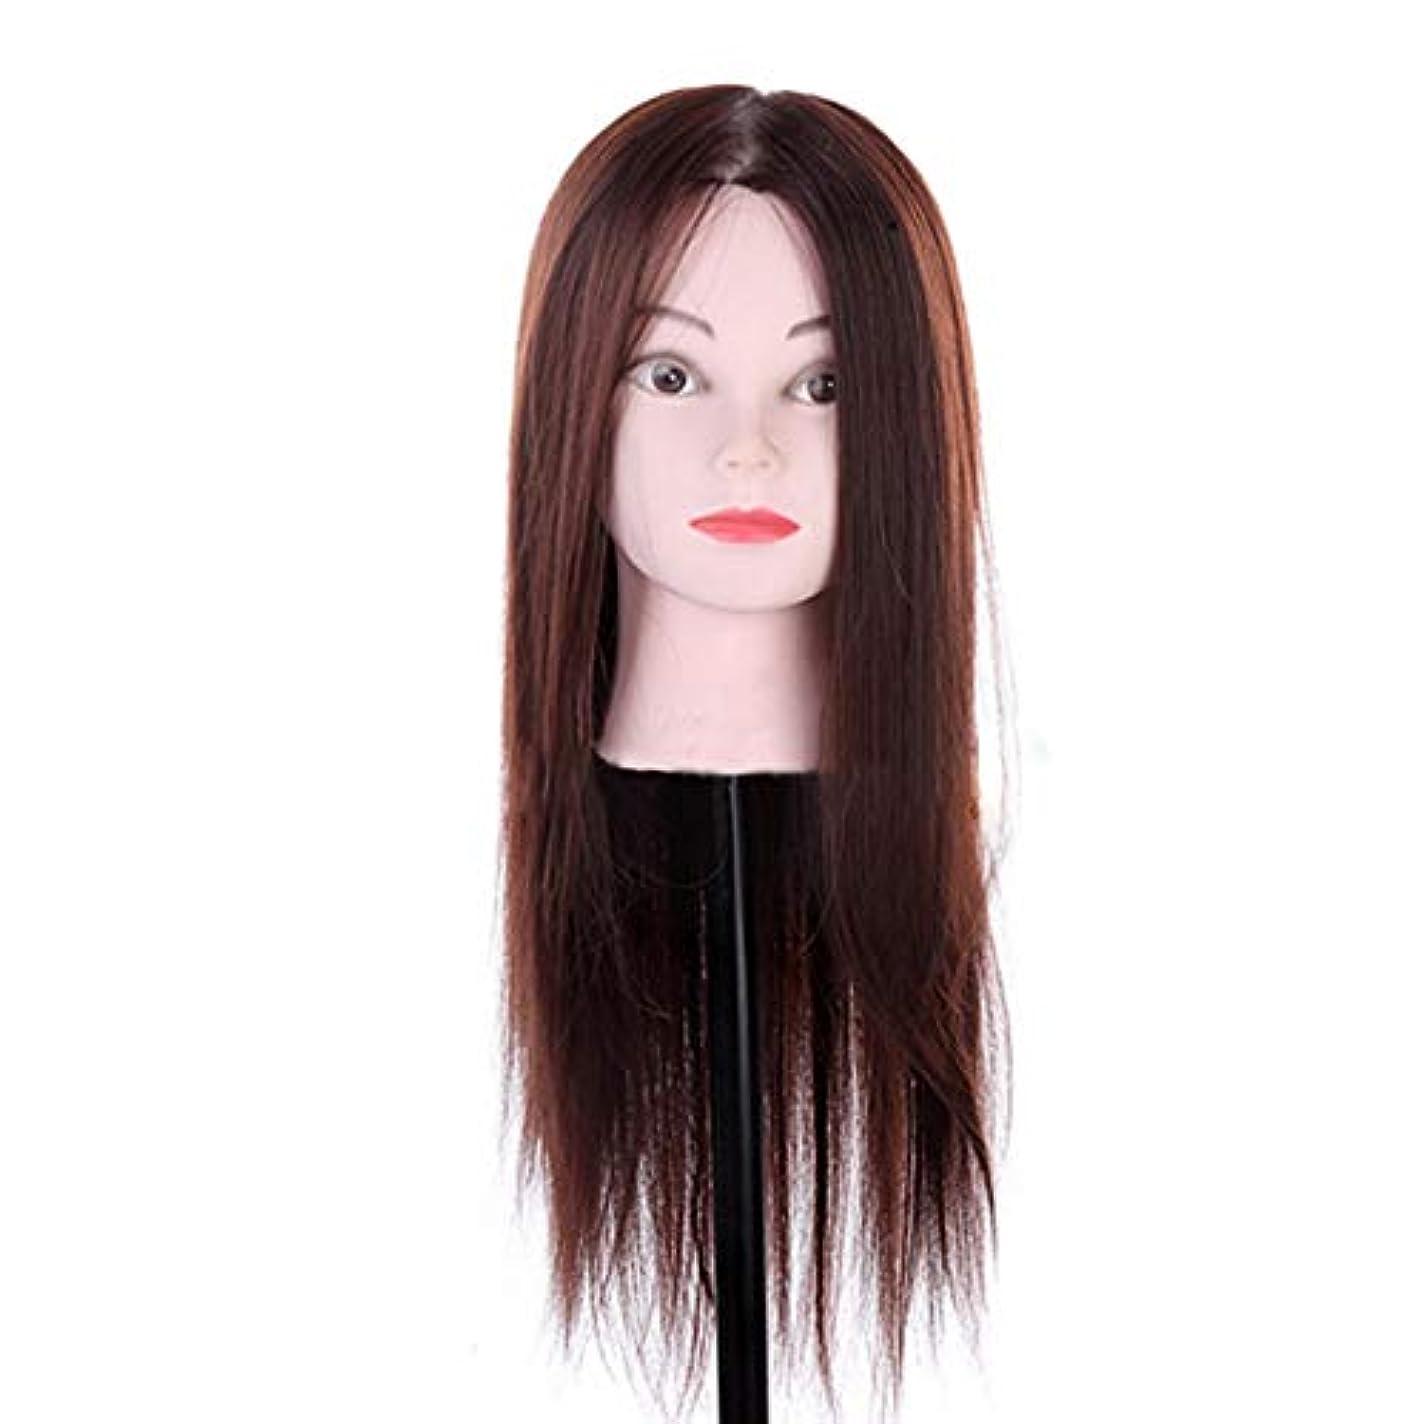 ヶ月目に沿って教義メイクアップエクササイズディスク髪編組ヘッド金型デュアルユースダミーヘッドモデルヘッド美容ヘアカットティーチングヘッドかつら